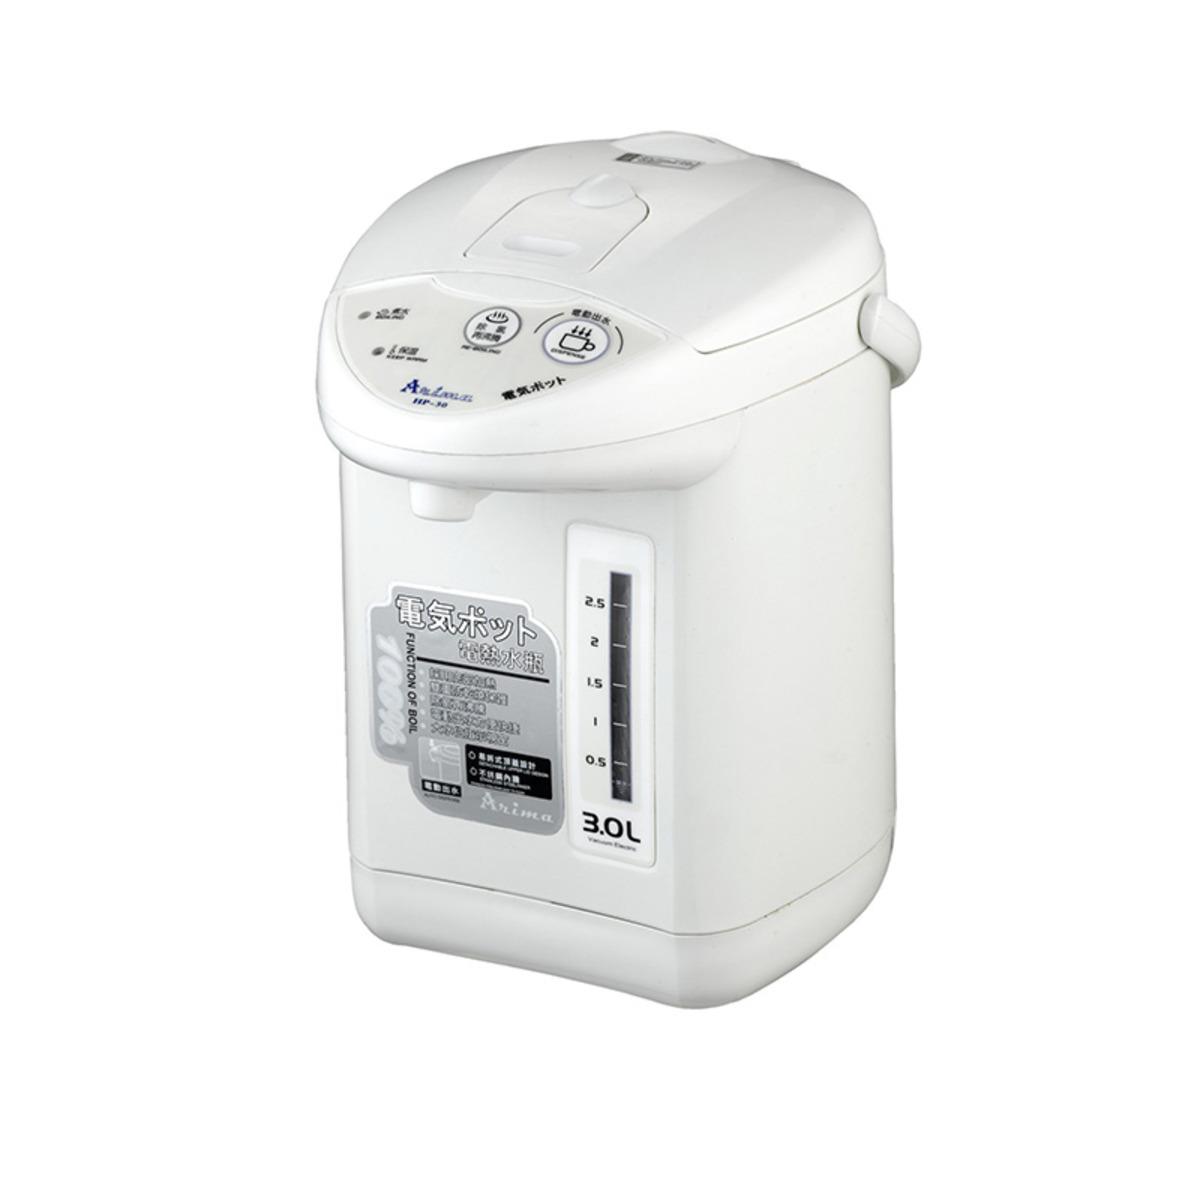 電熱水瓶 HP-30